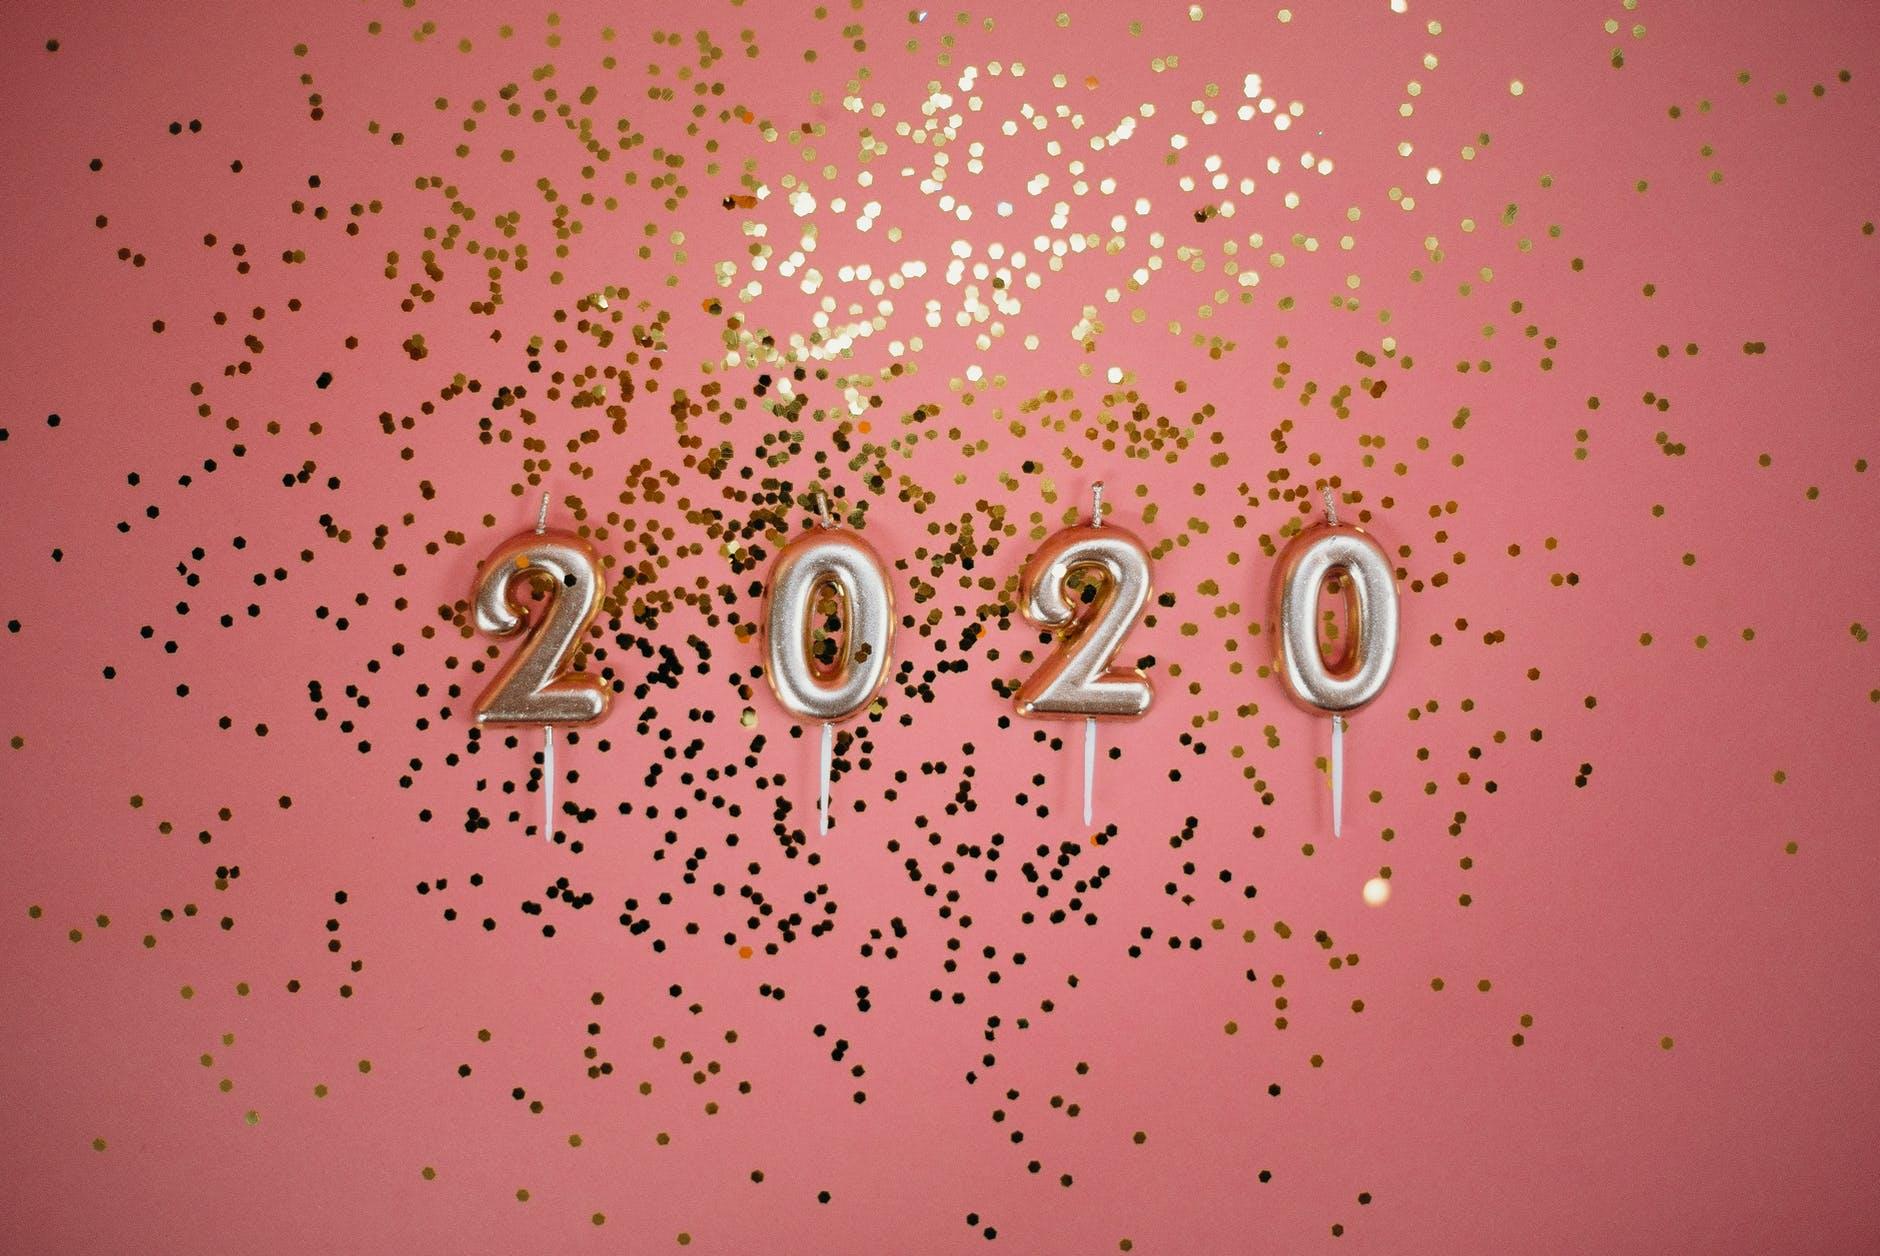 Ce culori se poartă în 2020?